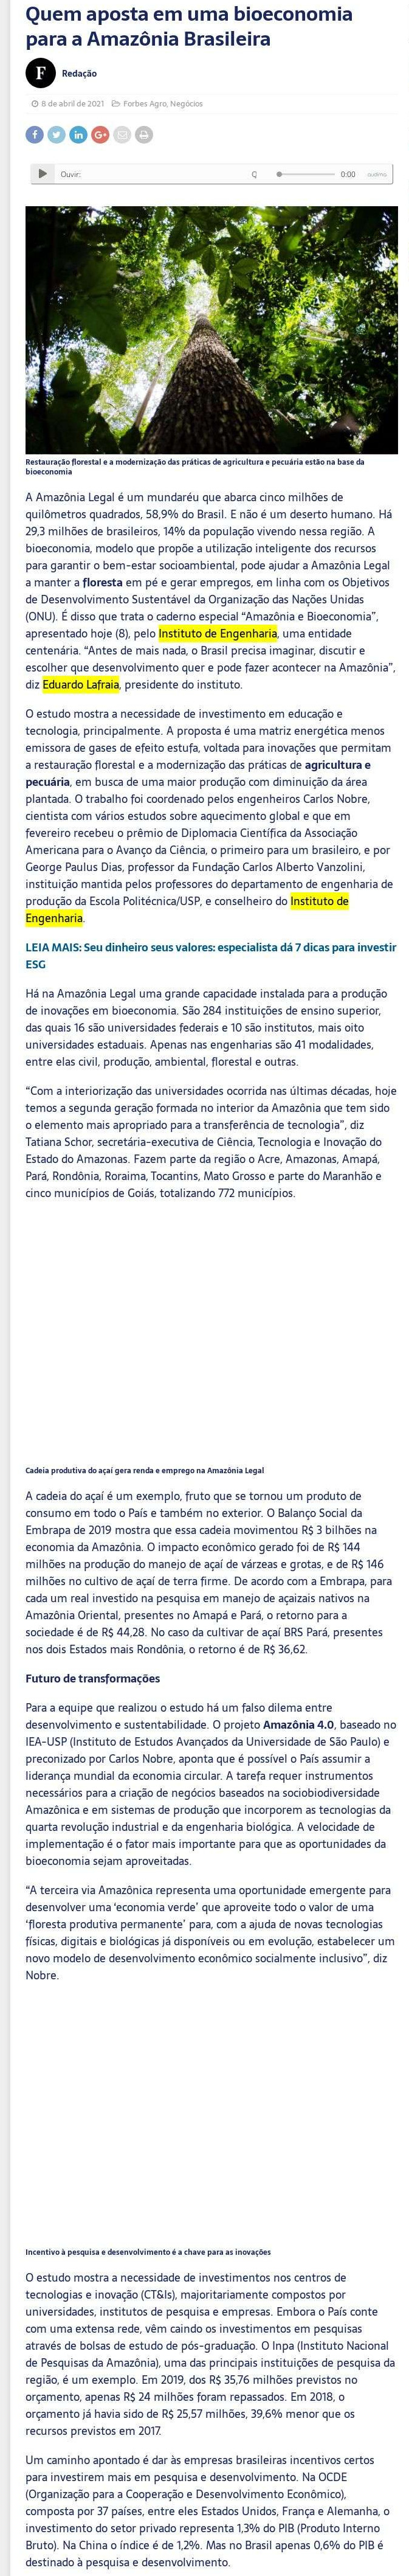 Quem aposta em uma bioeconomia para a Amazônia Brasileira - Forbes Brasil (IG)